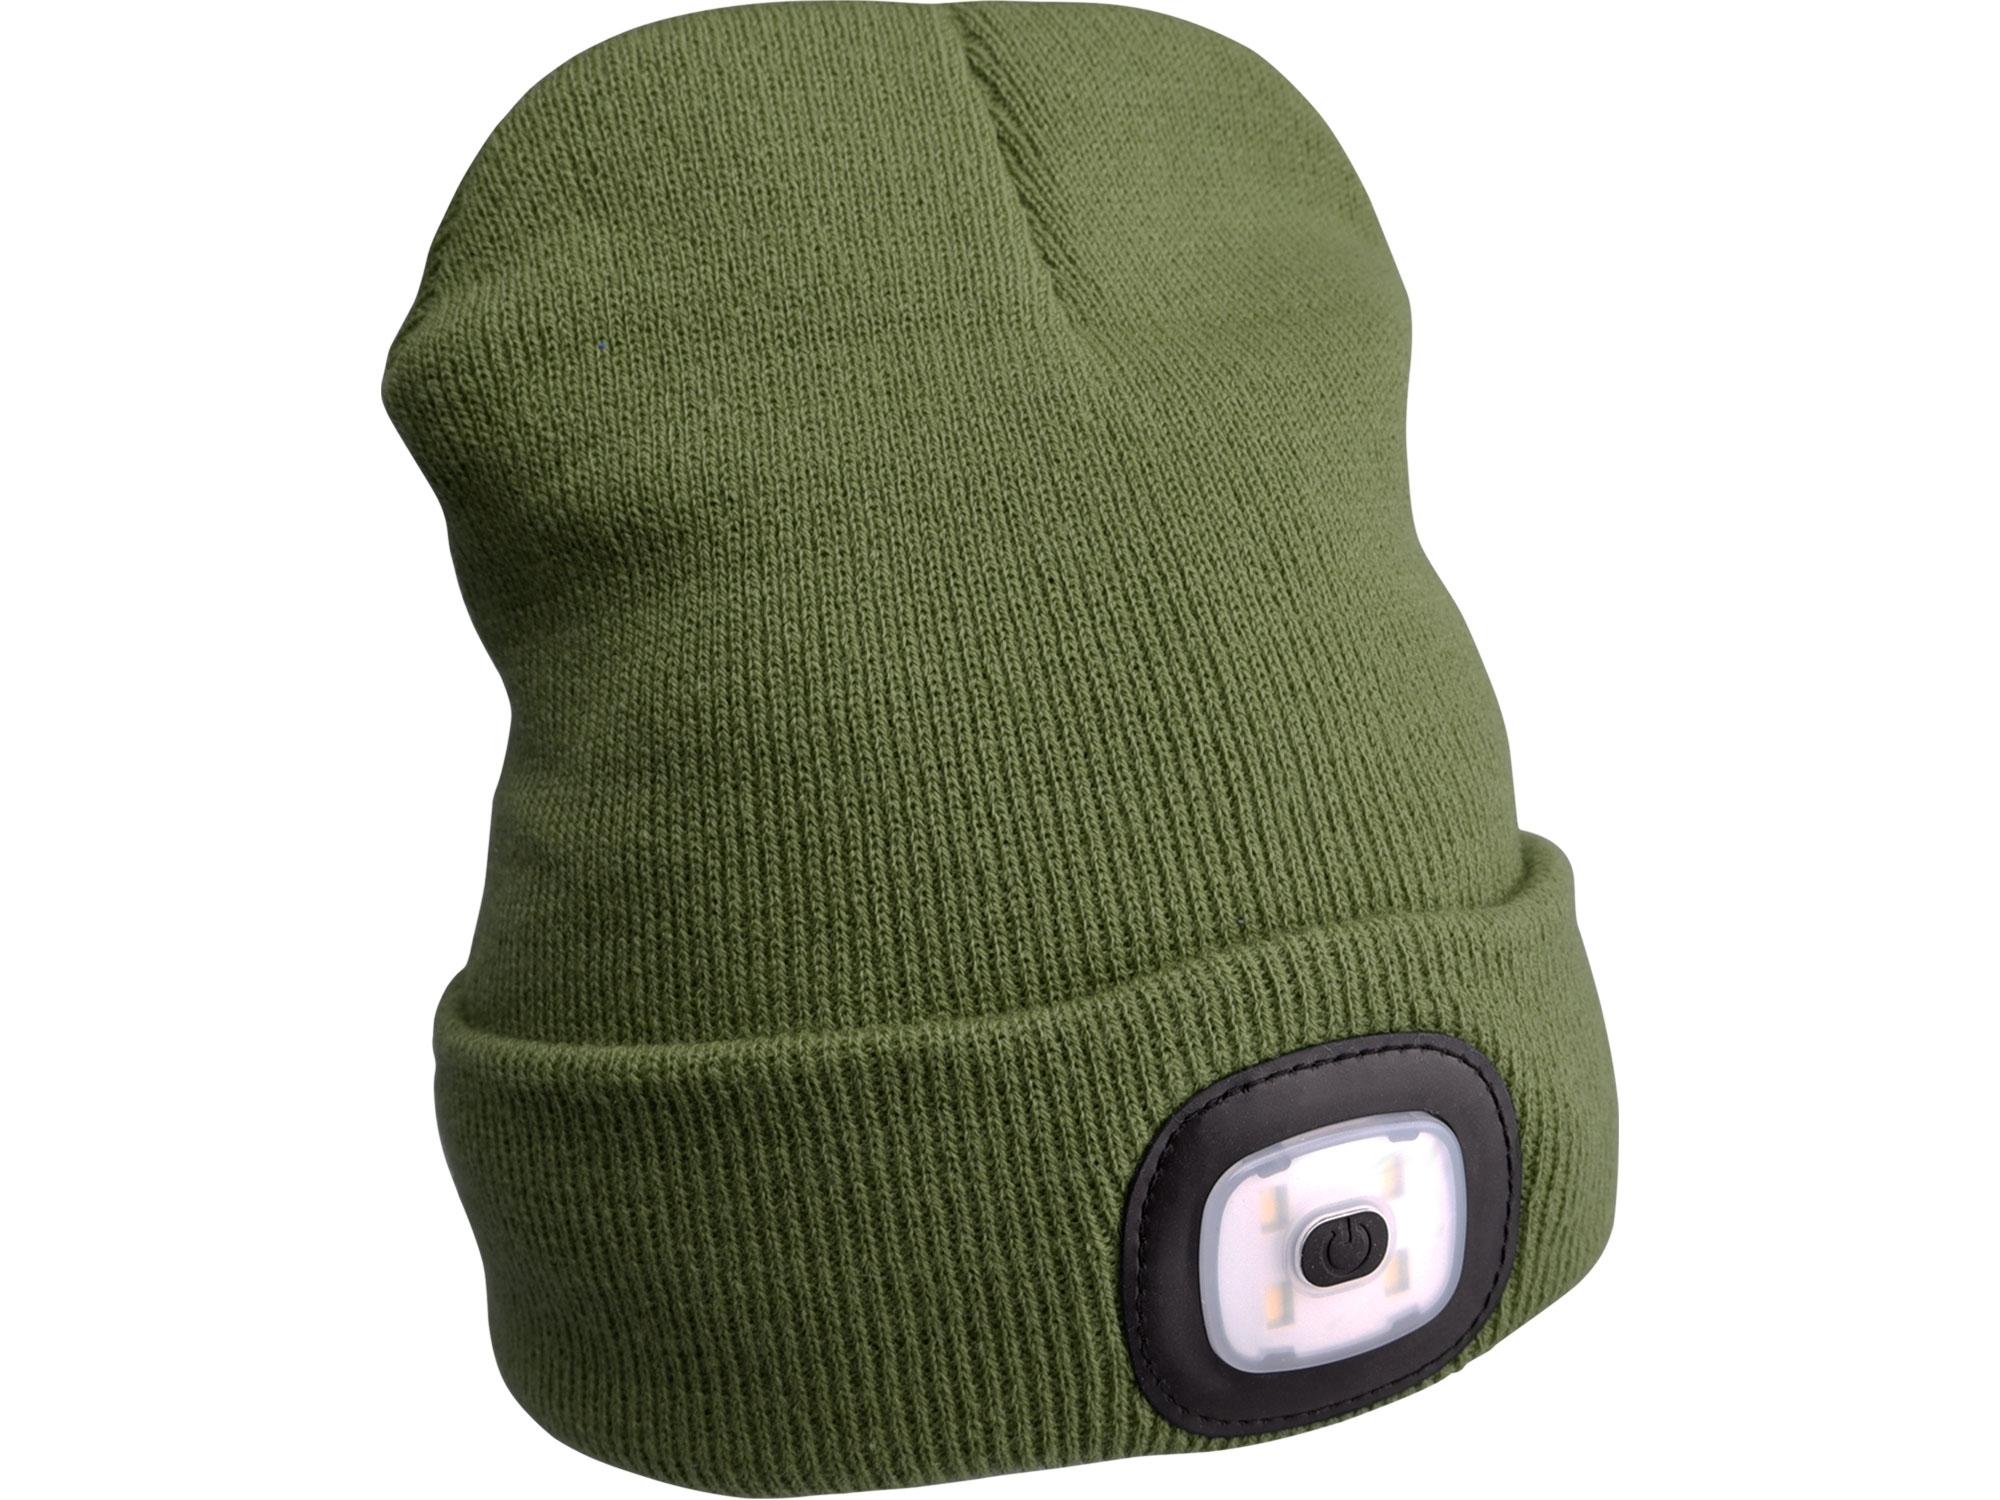 čepice s čelovkou 45lm, nabíjecí, USB, tmavě zelená, univerzální velikost